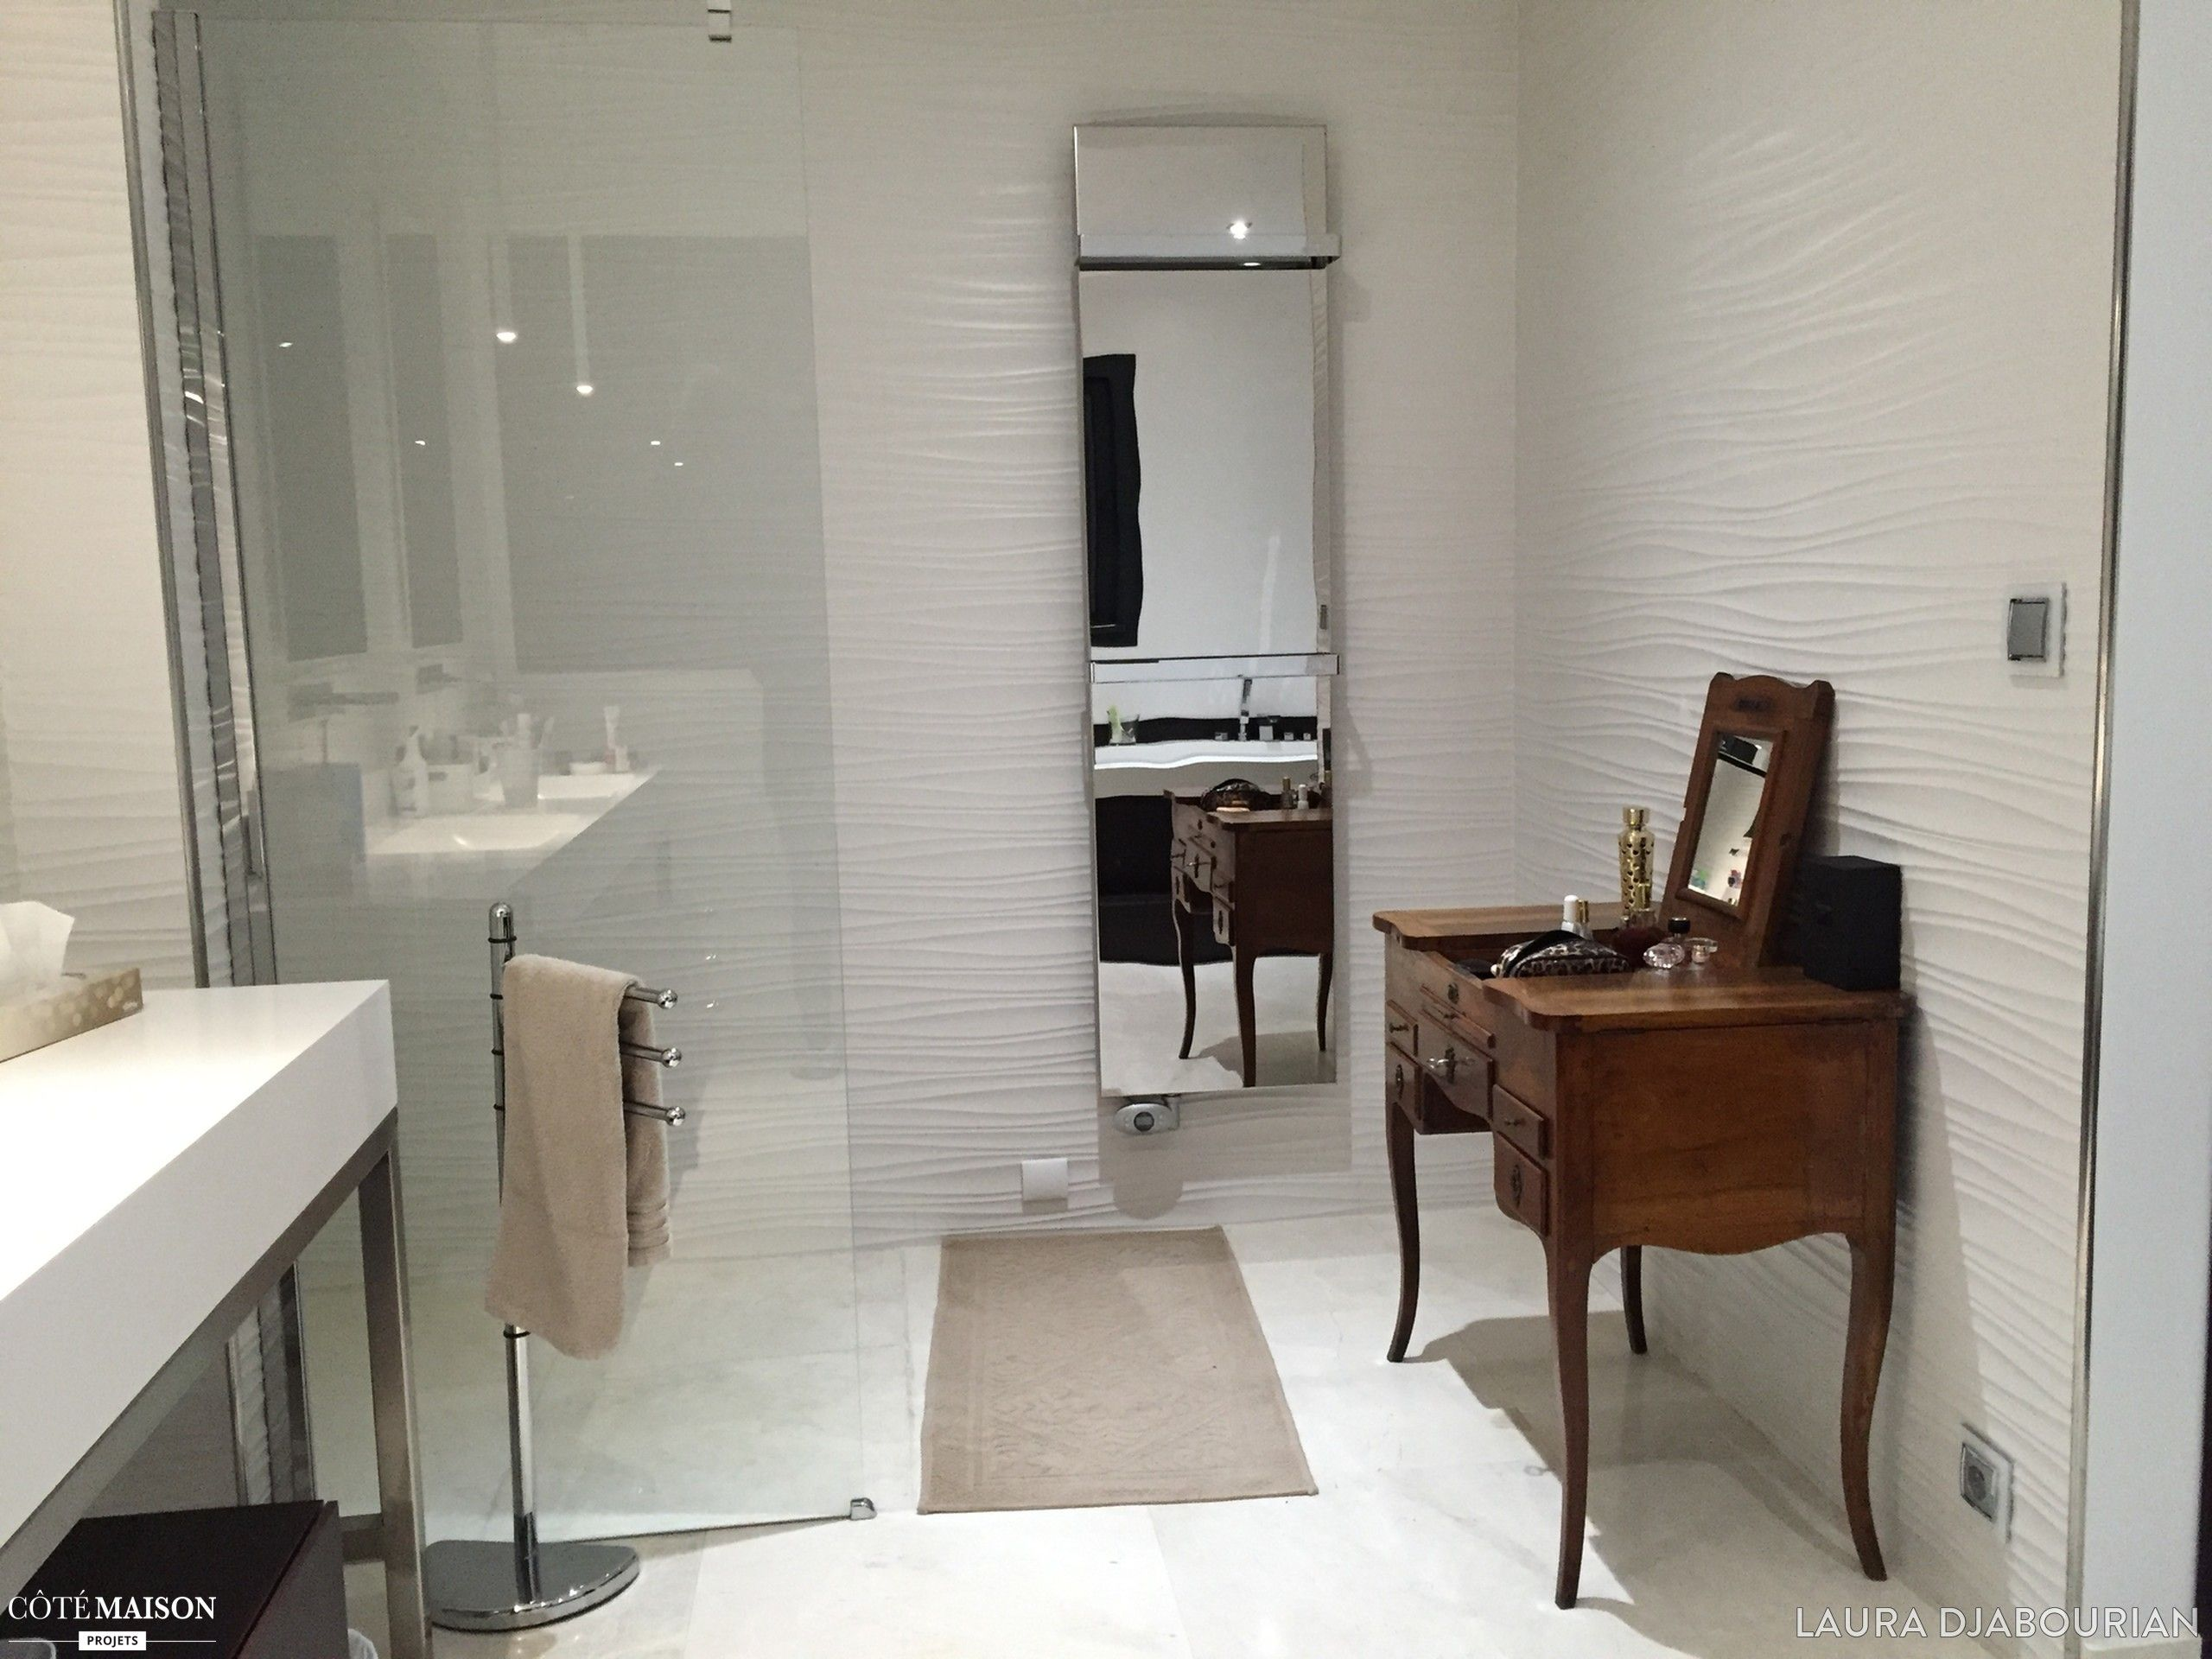 Agencement Dune Maison La Salle De Bain Parentale Laura - Cote maison salle de bain